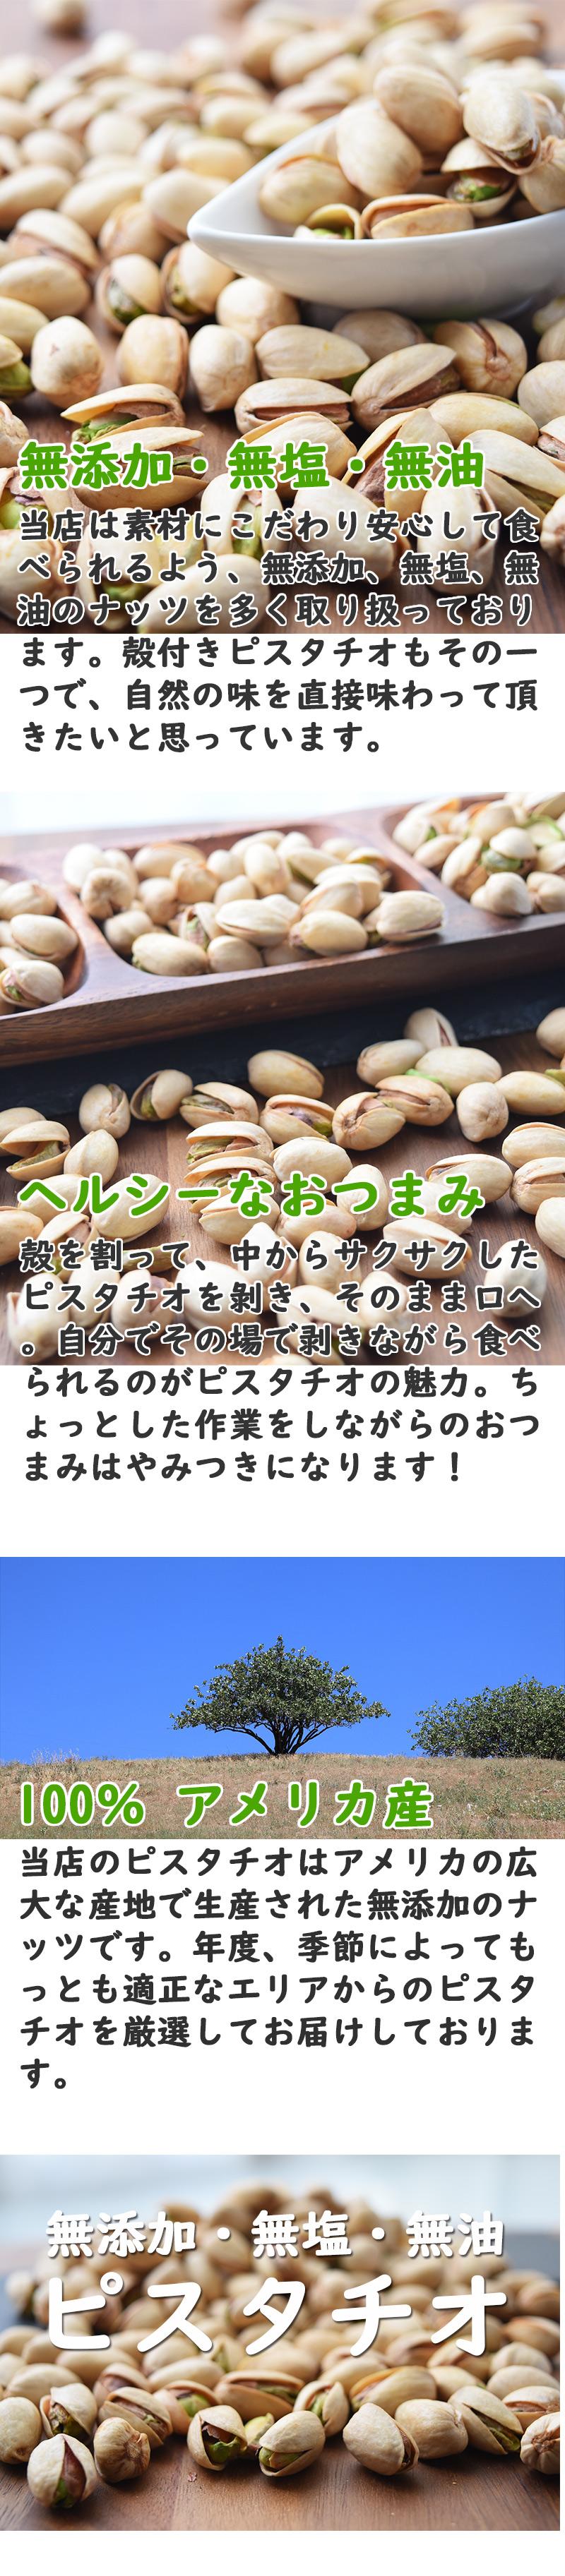 無添加 ピスタチオ 1kg 素焼き 無塩 ローストピスタチオ ページ内容1